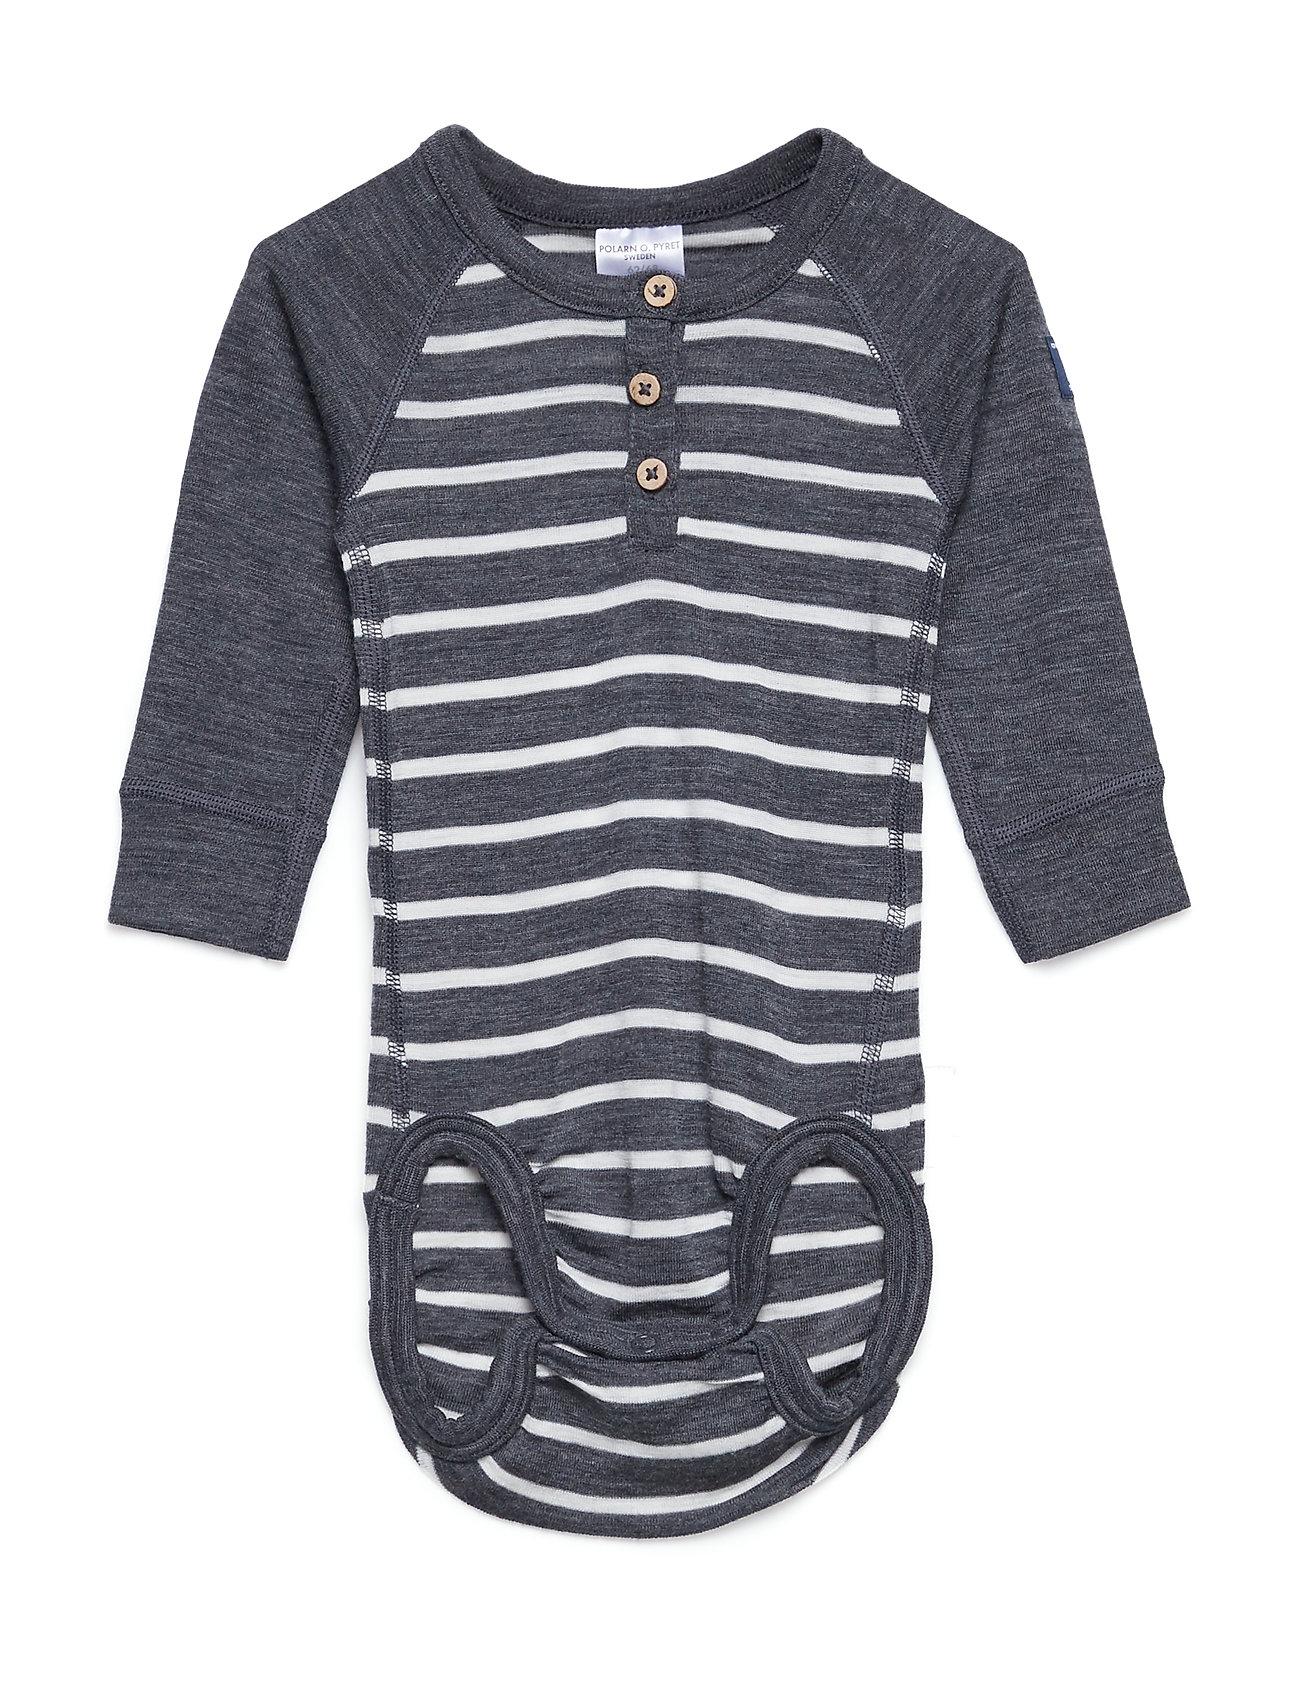 Polarn O. Pyret Body Wool Striped Newborn